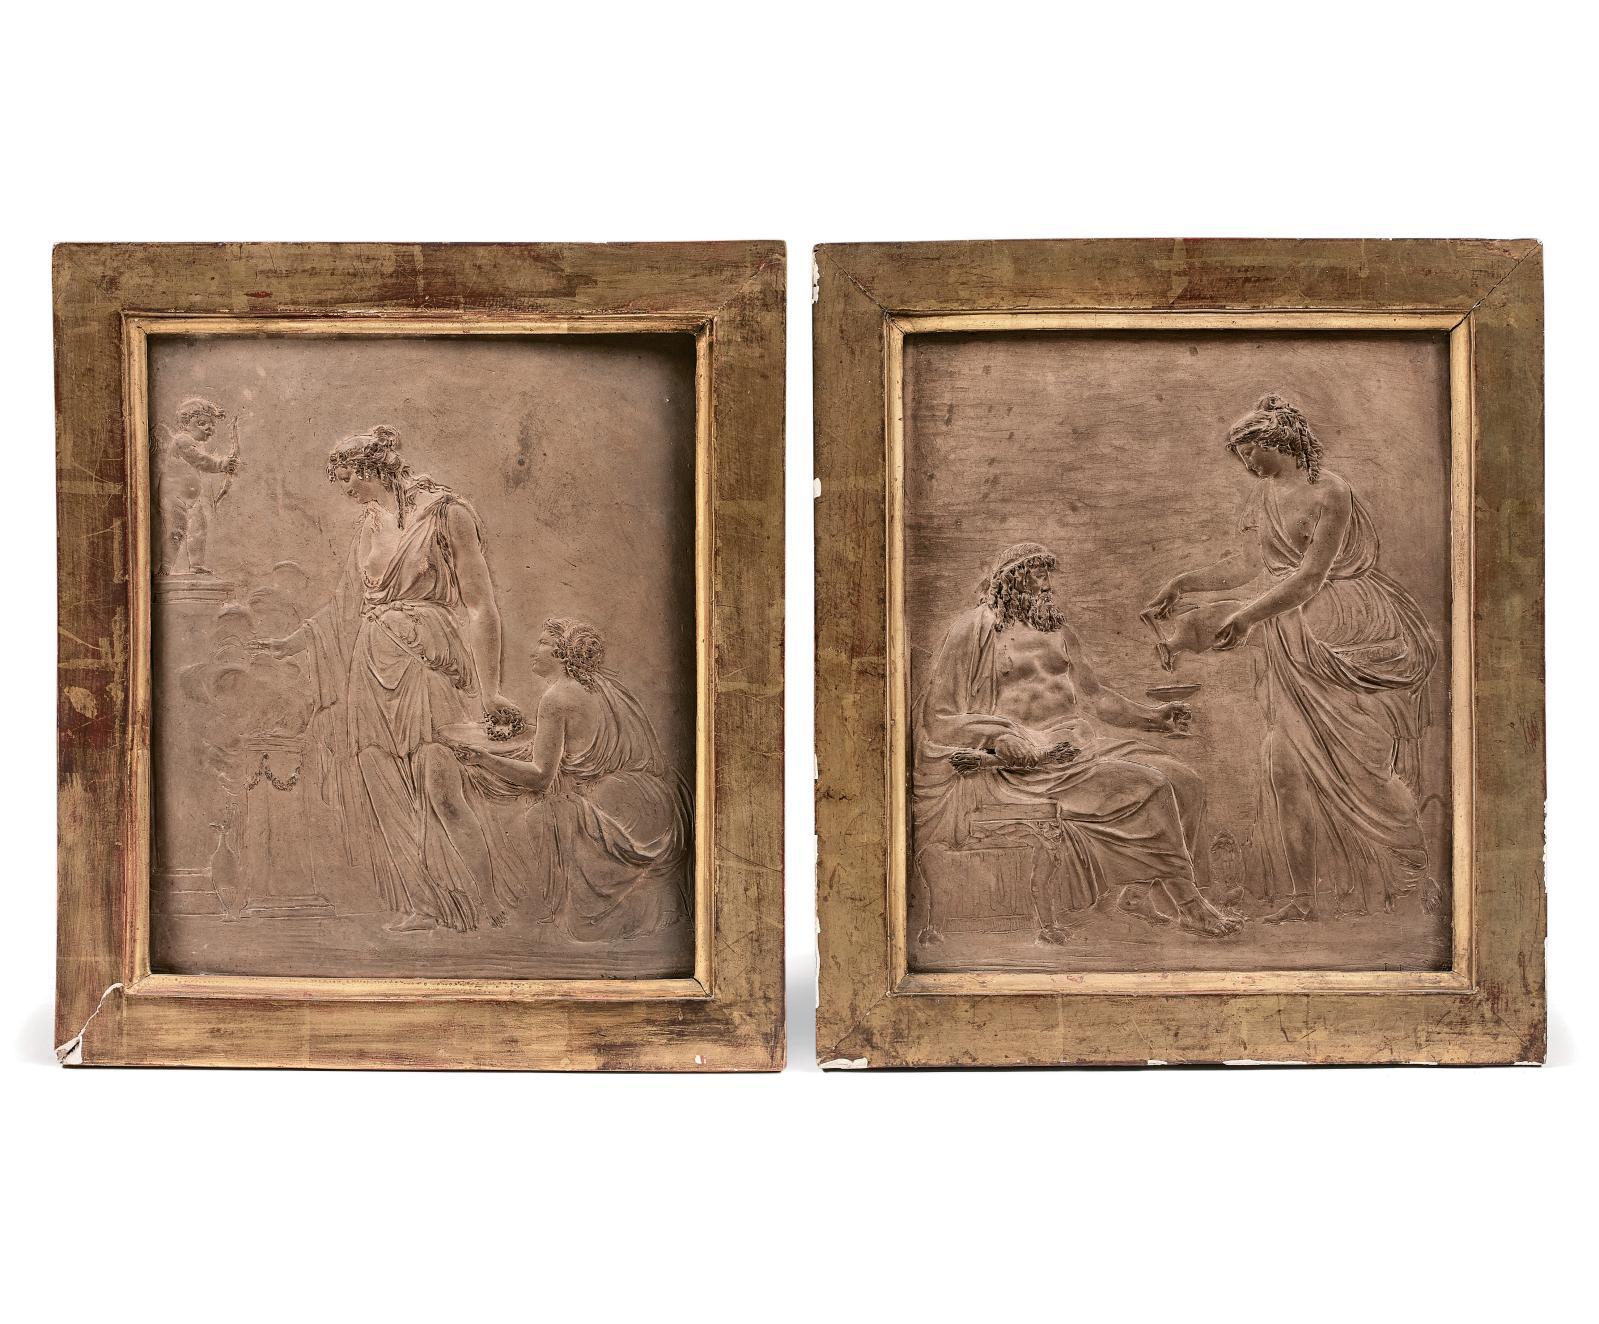 Jean-François Lorta (1752-1837), Offrande à l'Amour et Offrande à Bacchus, paire de bas-reliefs en terre cuite, 1792, 28x24cm. Estimation: 2000/3